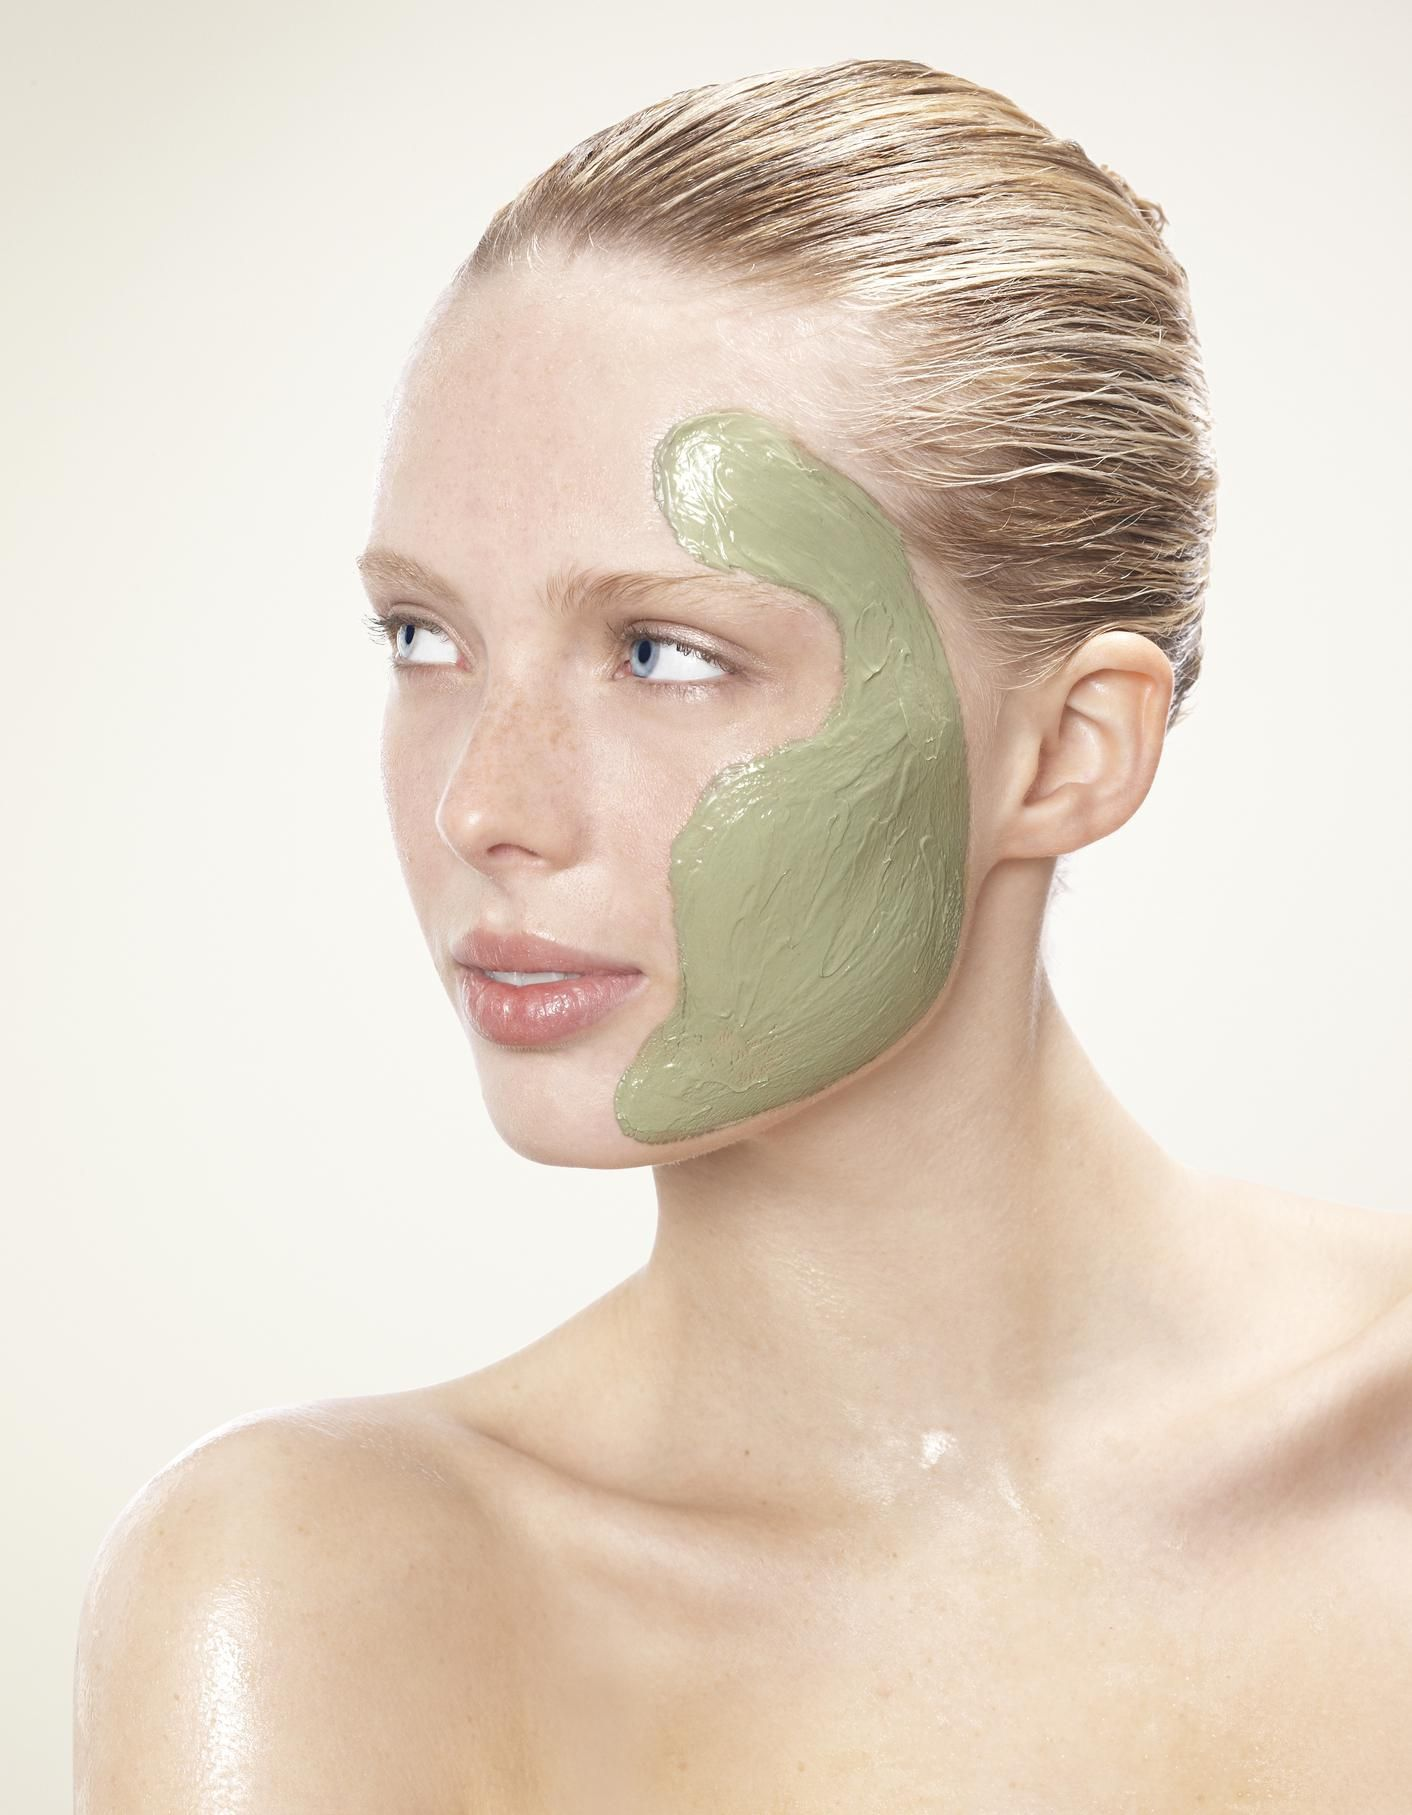 Masque visage purifiant soin visage masque visage masque argile verte visage et masque - Gommage visage maison point noir ...